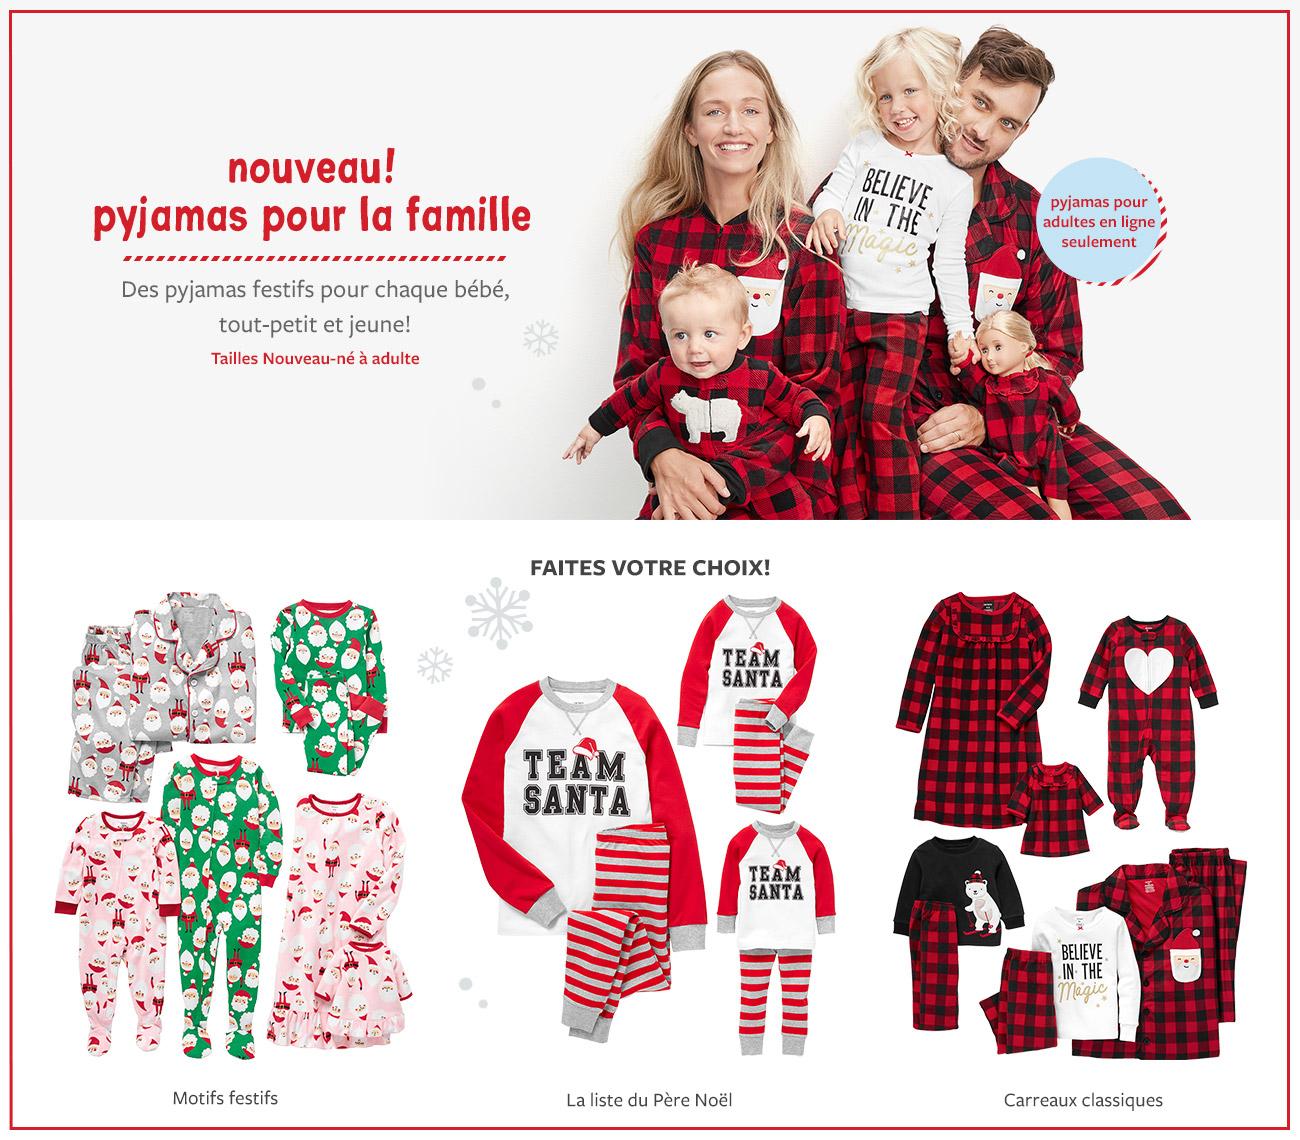 nouveau! pyjamas pour la famille |  des pyjamas festifs pour chaque bébé, tout-petit et jeune! | pyjamas pour adultes en ligne seulement | faites votre choix! | motifs festifs, la liste du père noël, carreaux classiques